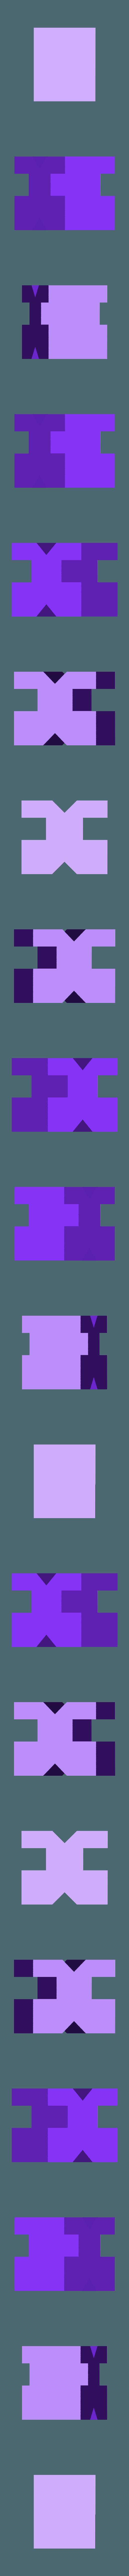 MODEL10.stl Télécharger fichier STL gratuit Exemple de dessin technique 10 • Design imprimable en 3D, murbay52